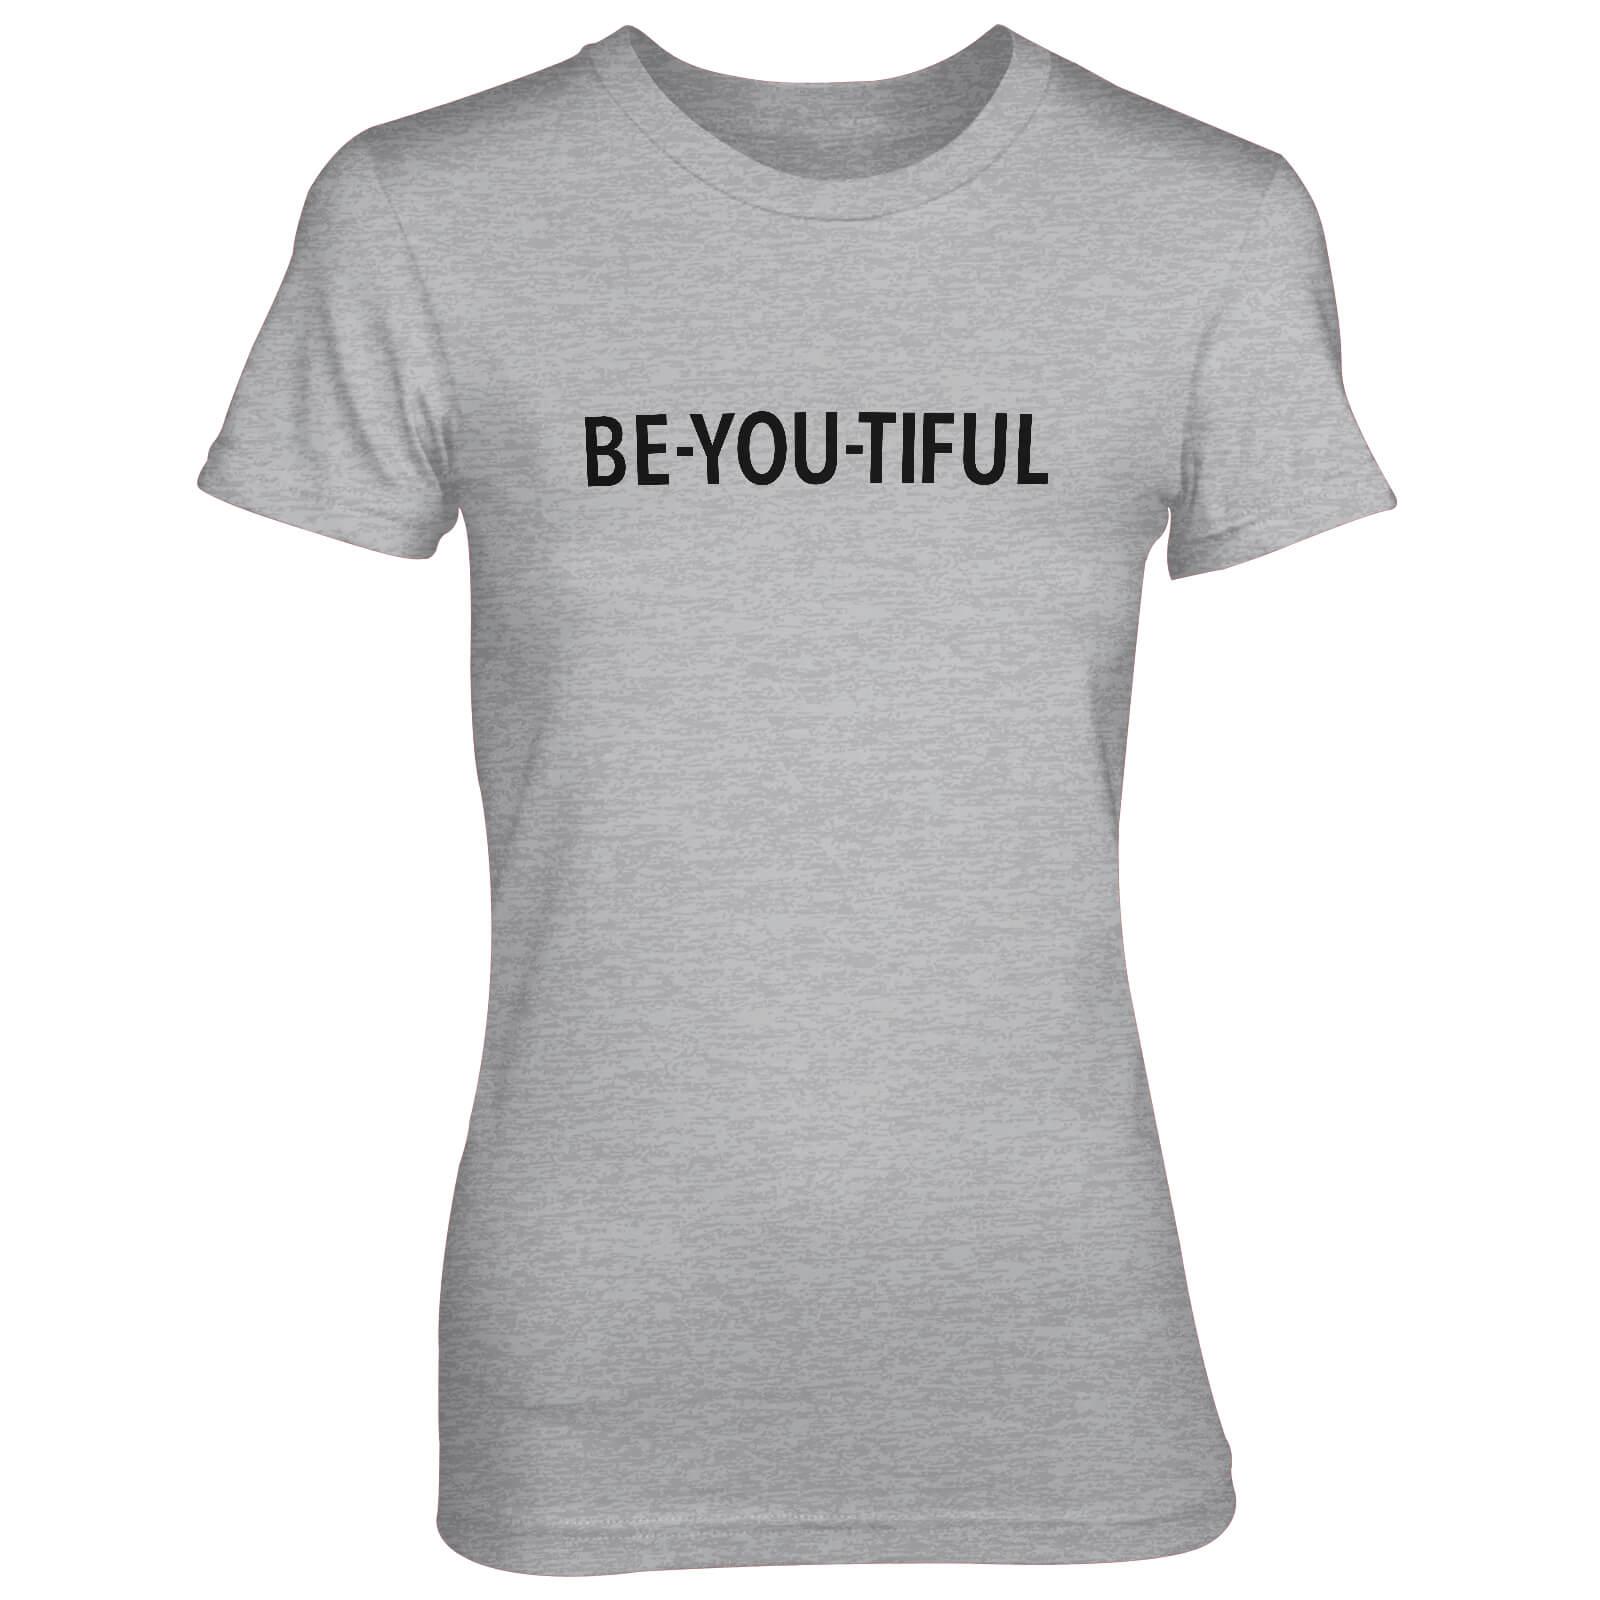 83191ac8 Be-You-Tiful Women's Grey T-Shirt Clothing | Zavvi